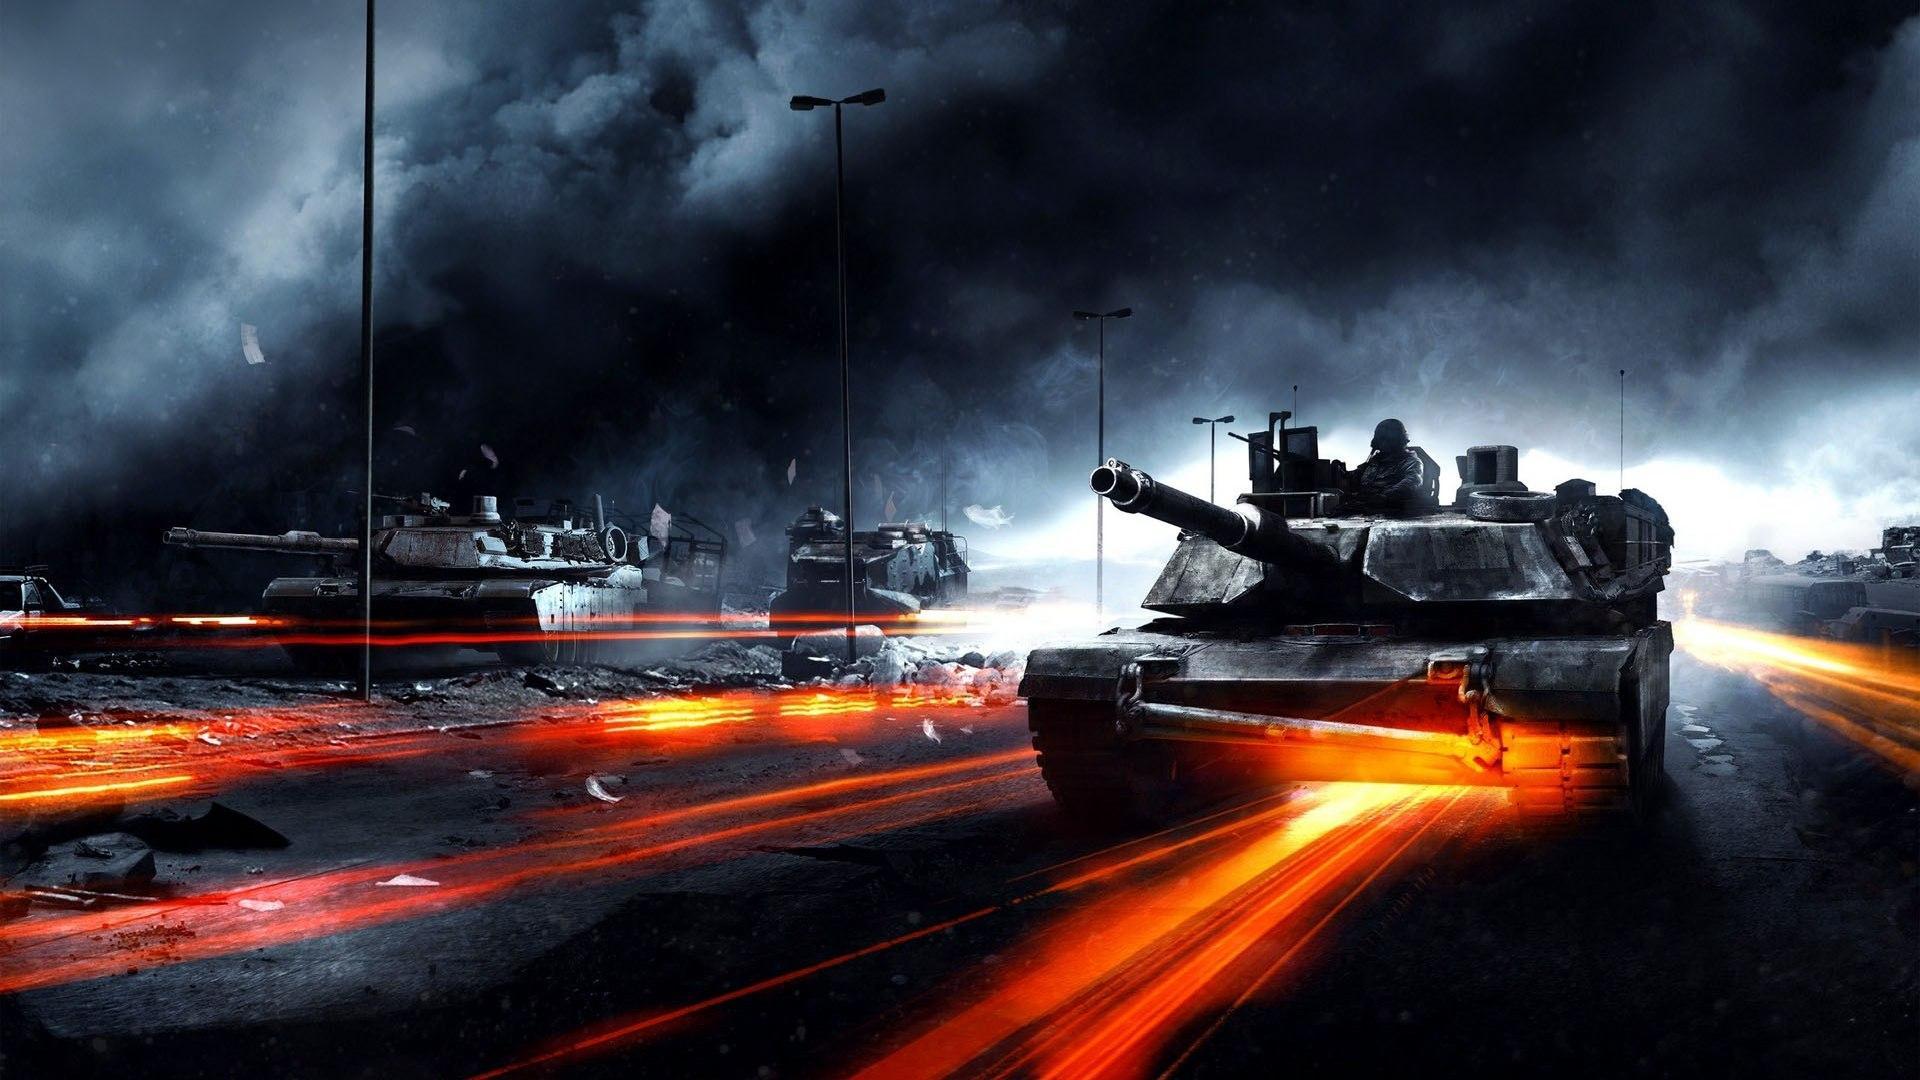 重返卡坎德游戏战地3图片